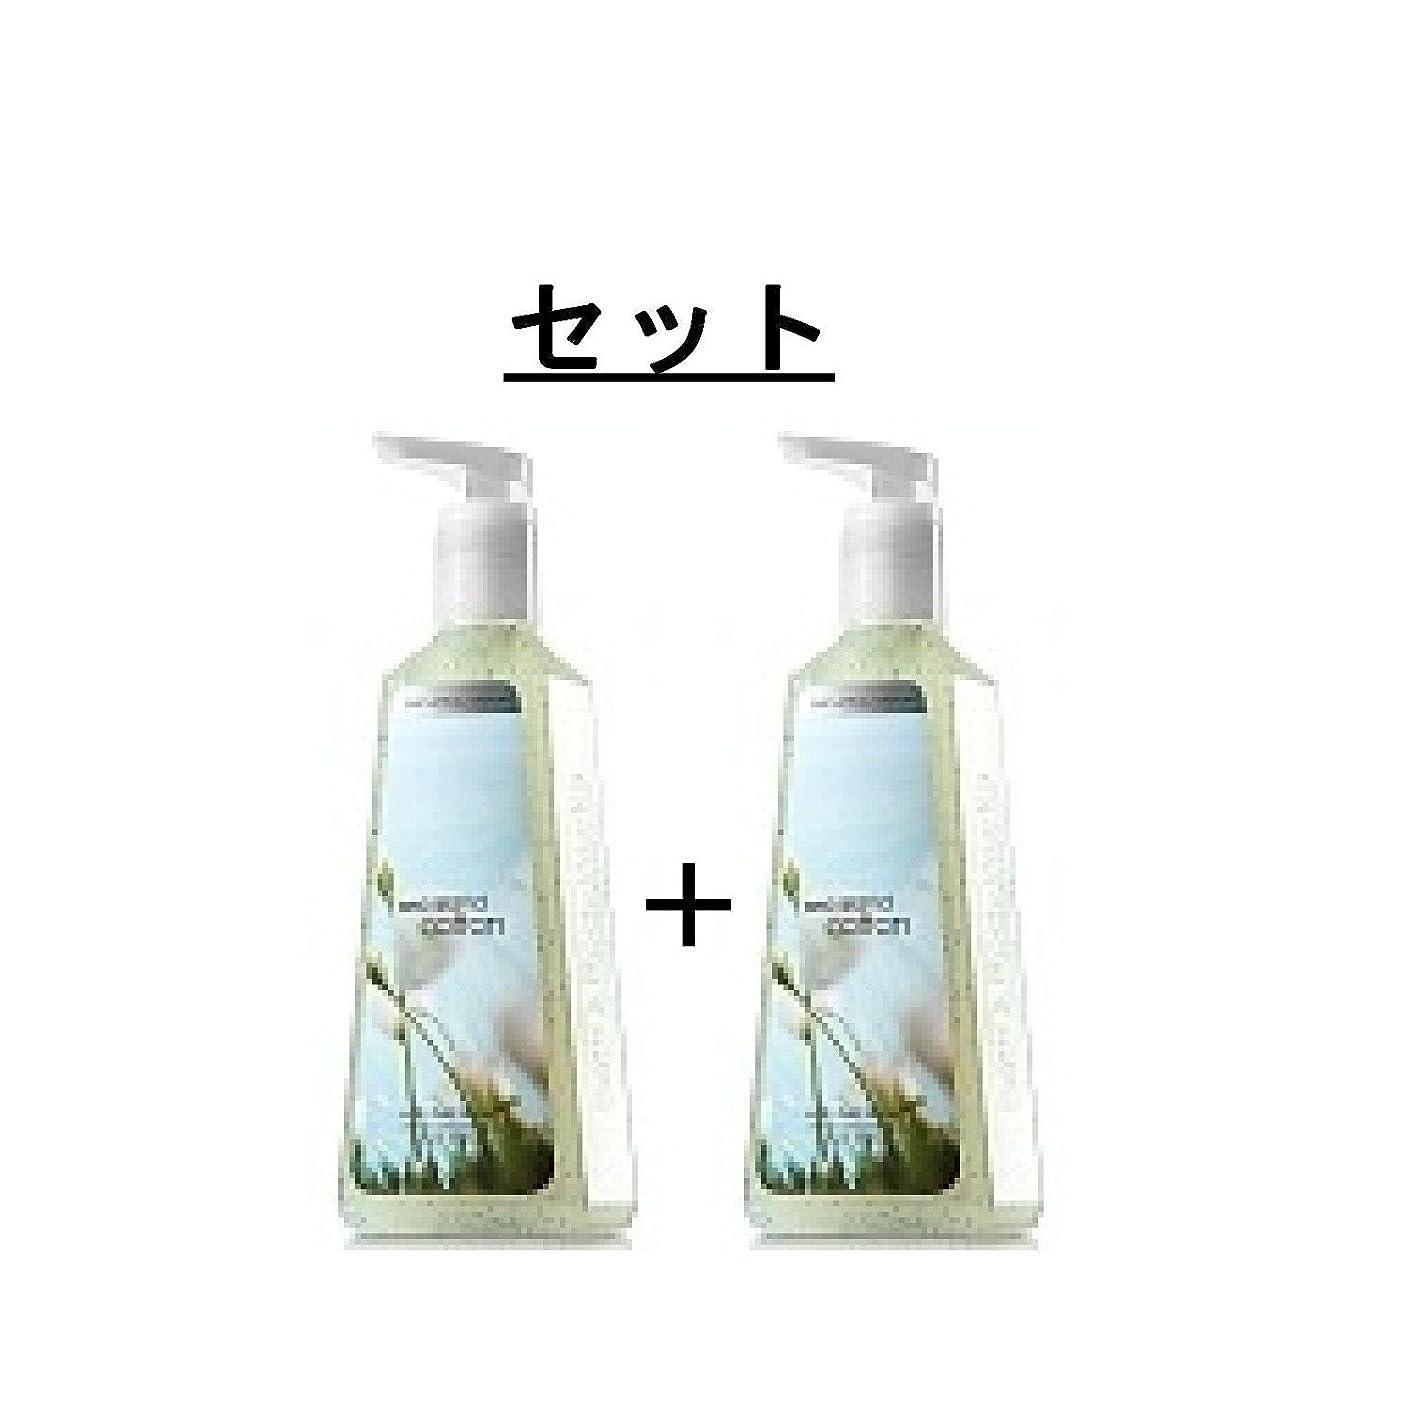 衰える一貫性のない継承Bath & Body Works Sea Island Cotton Antibacterial Deep Cleansing Hand Soap Set of 2 シーアイランドコットン【並行輸入品】